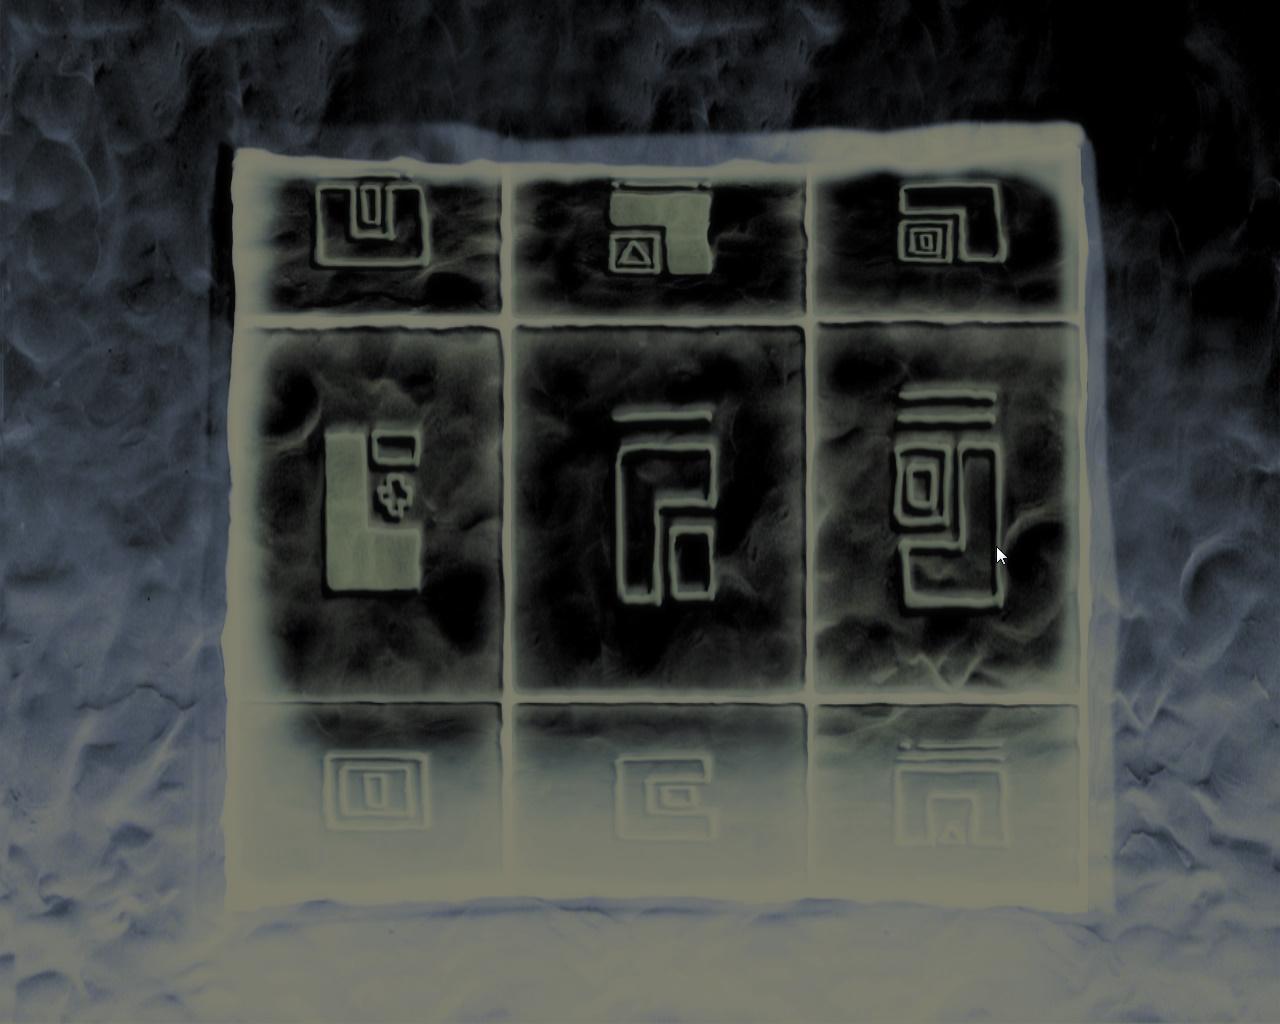 Армикрог - Код который видели на скале под гнездом с яйцом (уровень 4)